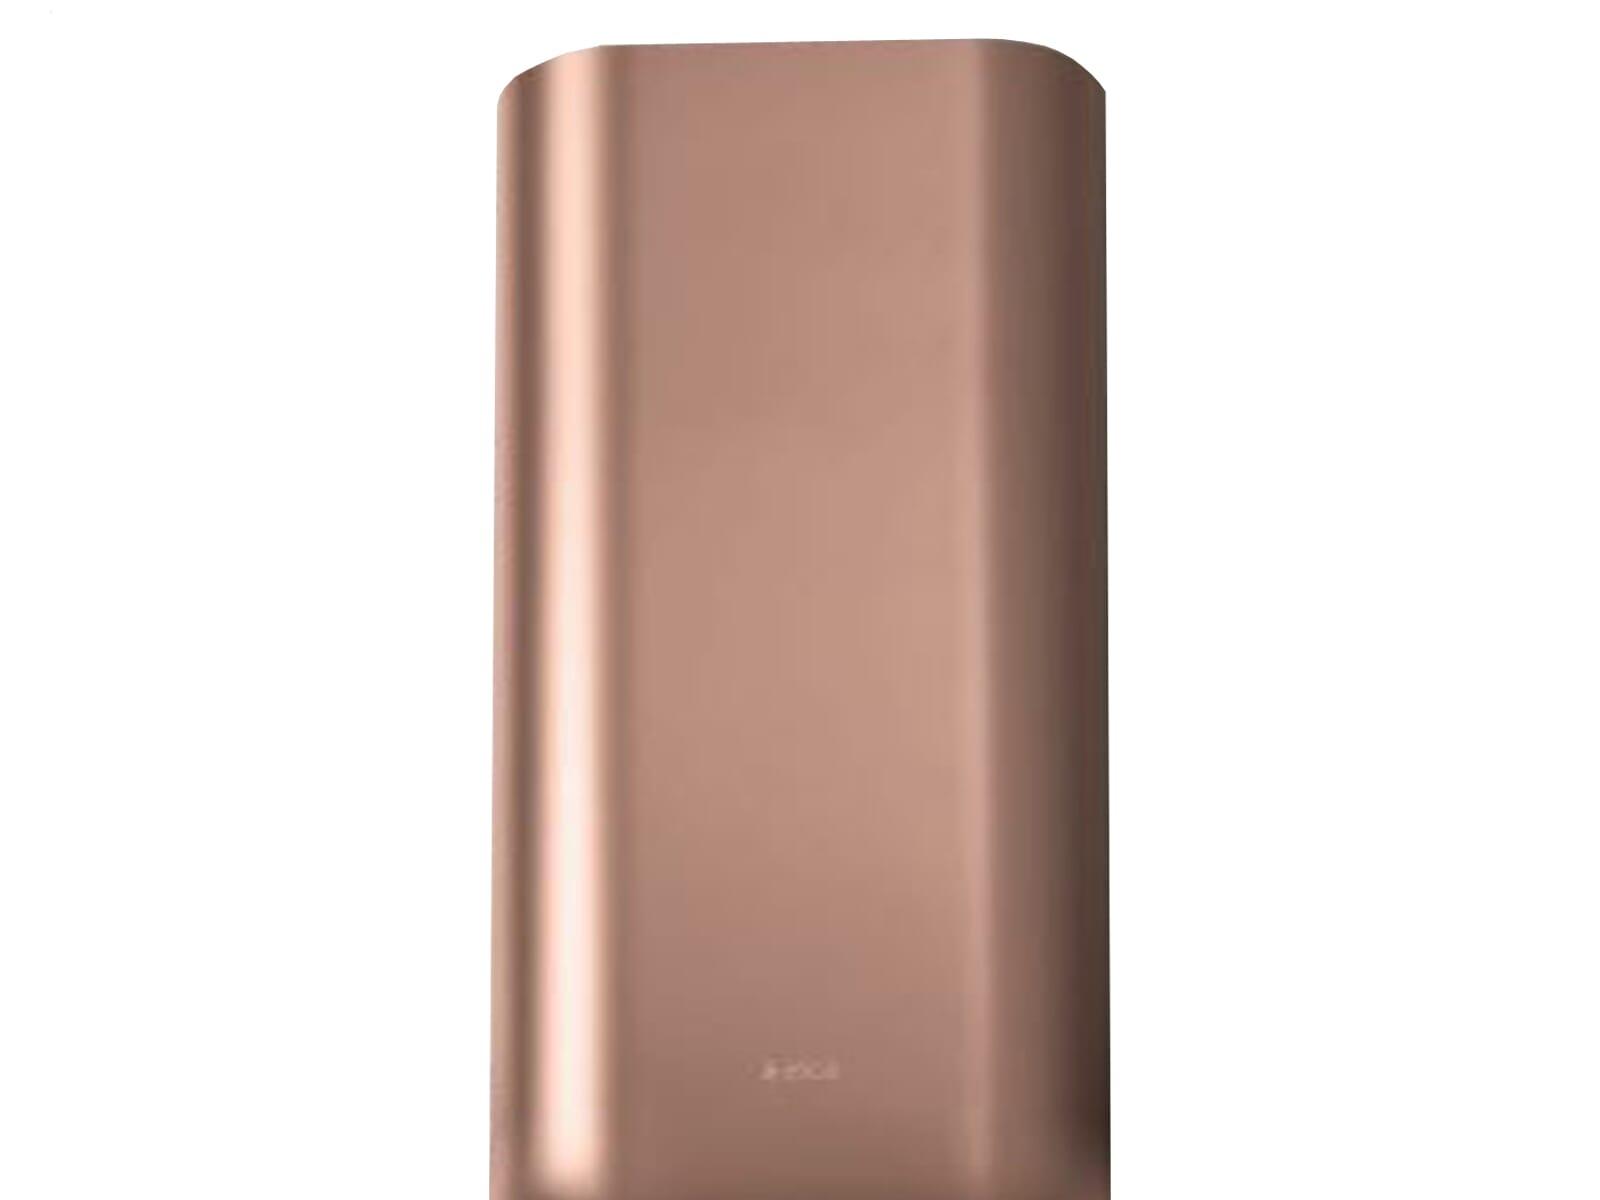 Elica KIT0121147 Kaminerweiterung Kupfer